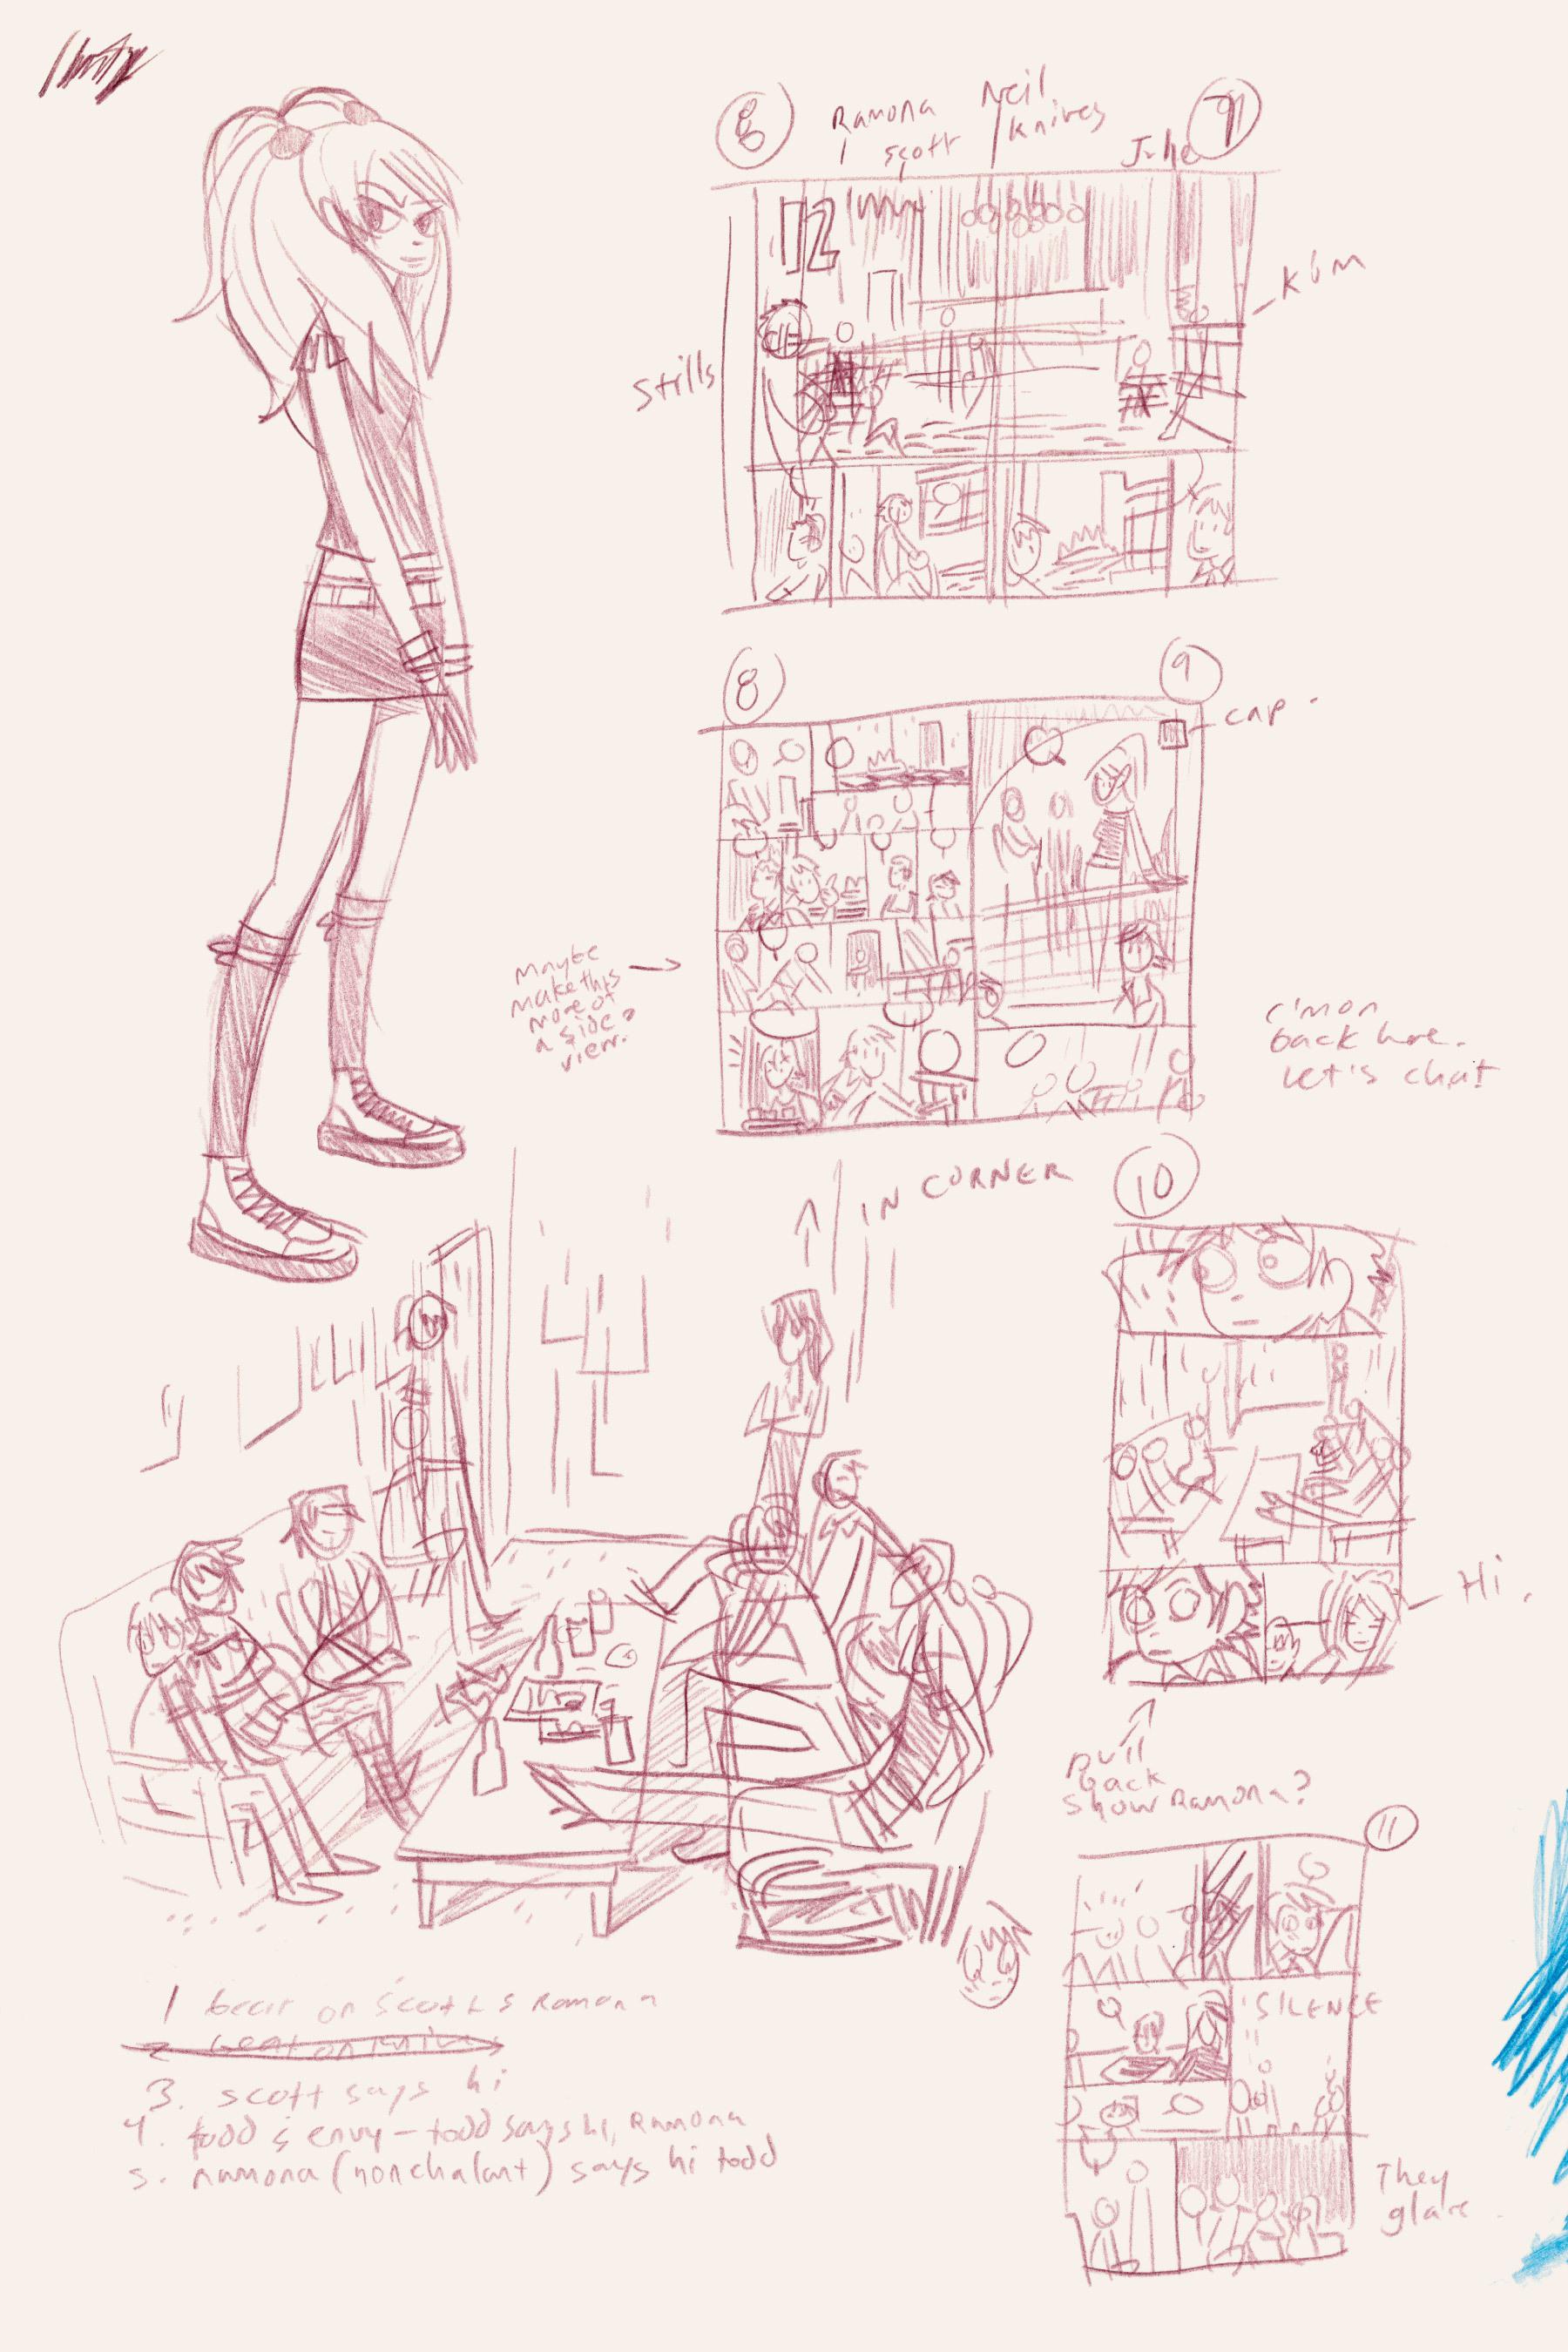 Read online Scott Pilgrim comic -  Issue #3 - 210